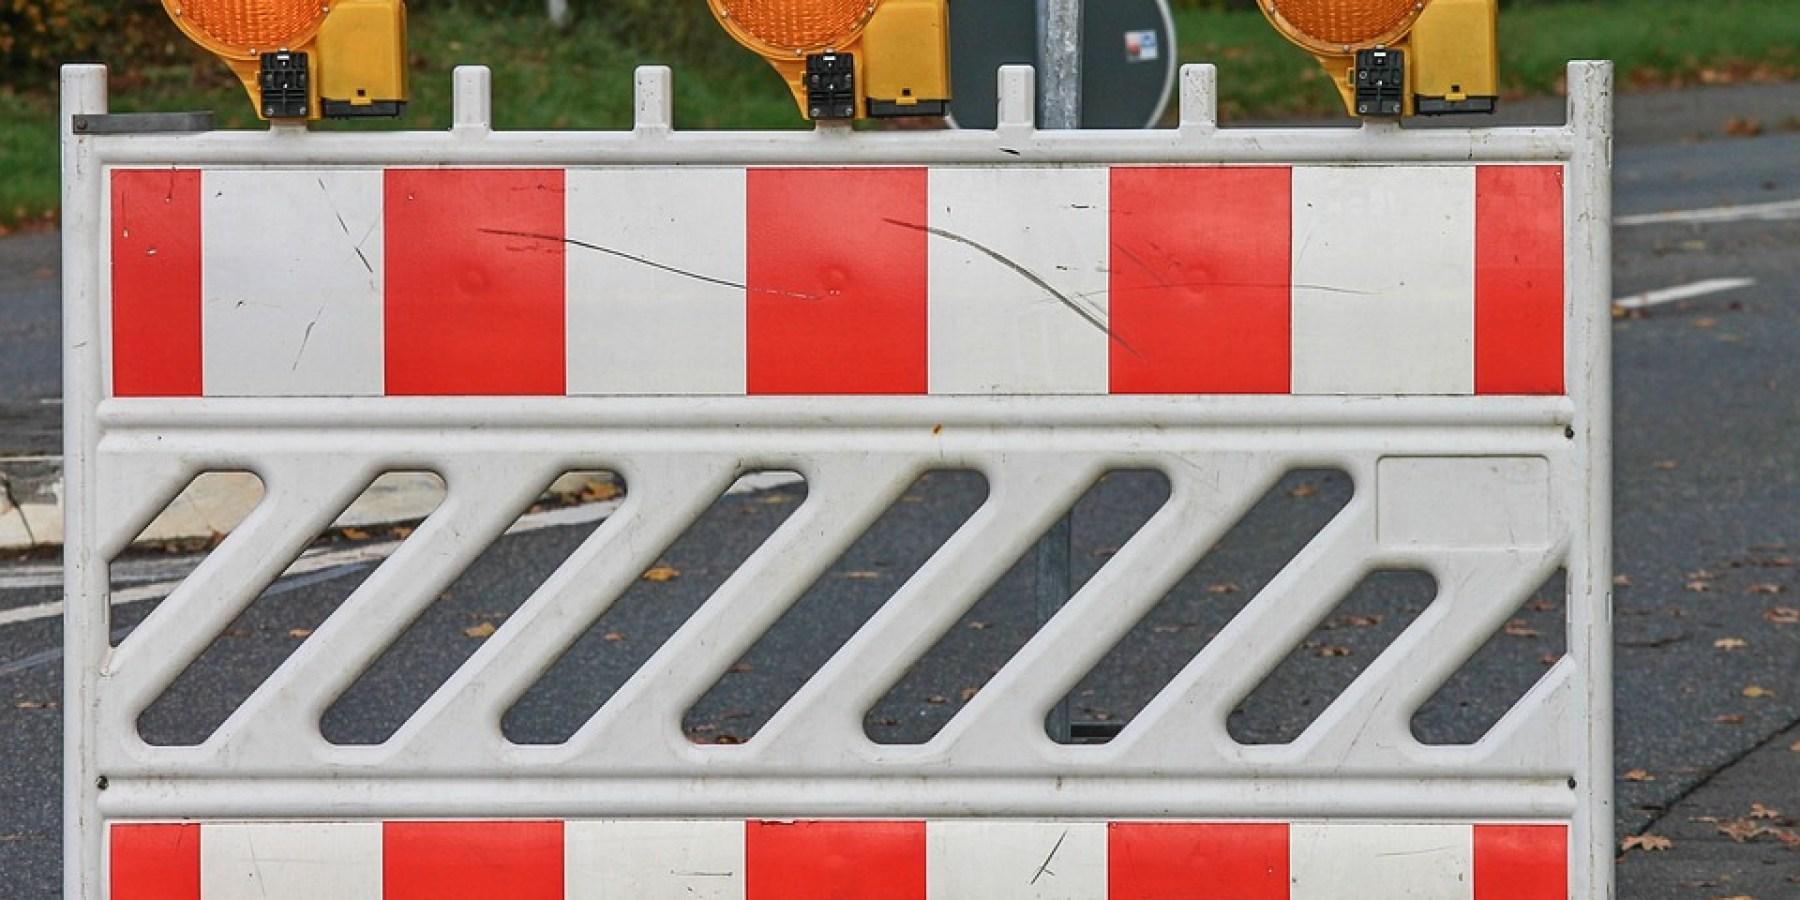 Vollsperrung: Asphaltarbeiten Grenkuhlenweg / Middelerstraße